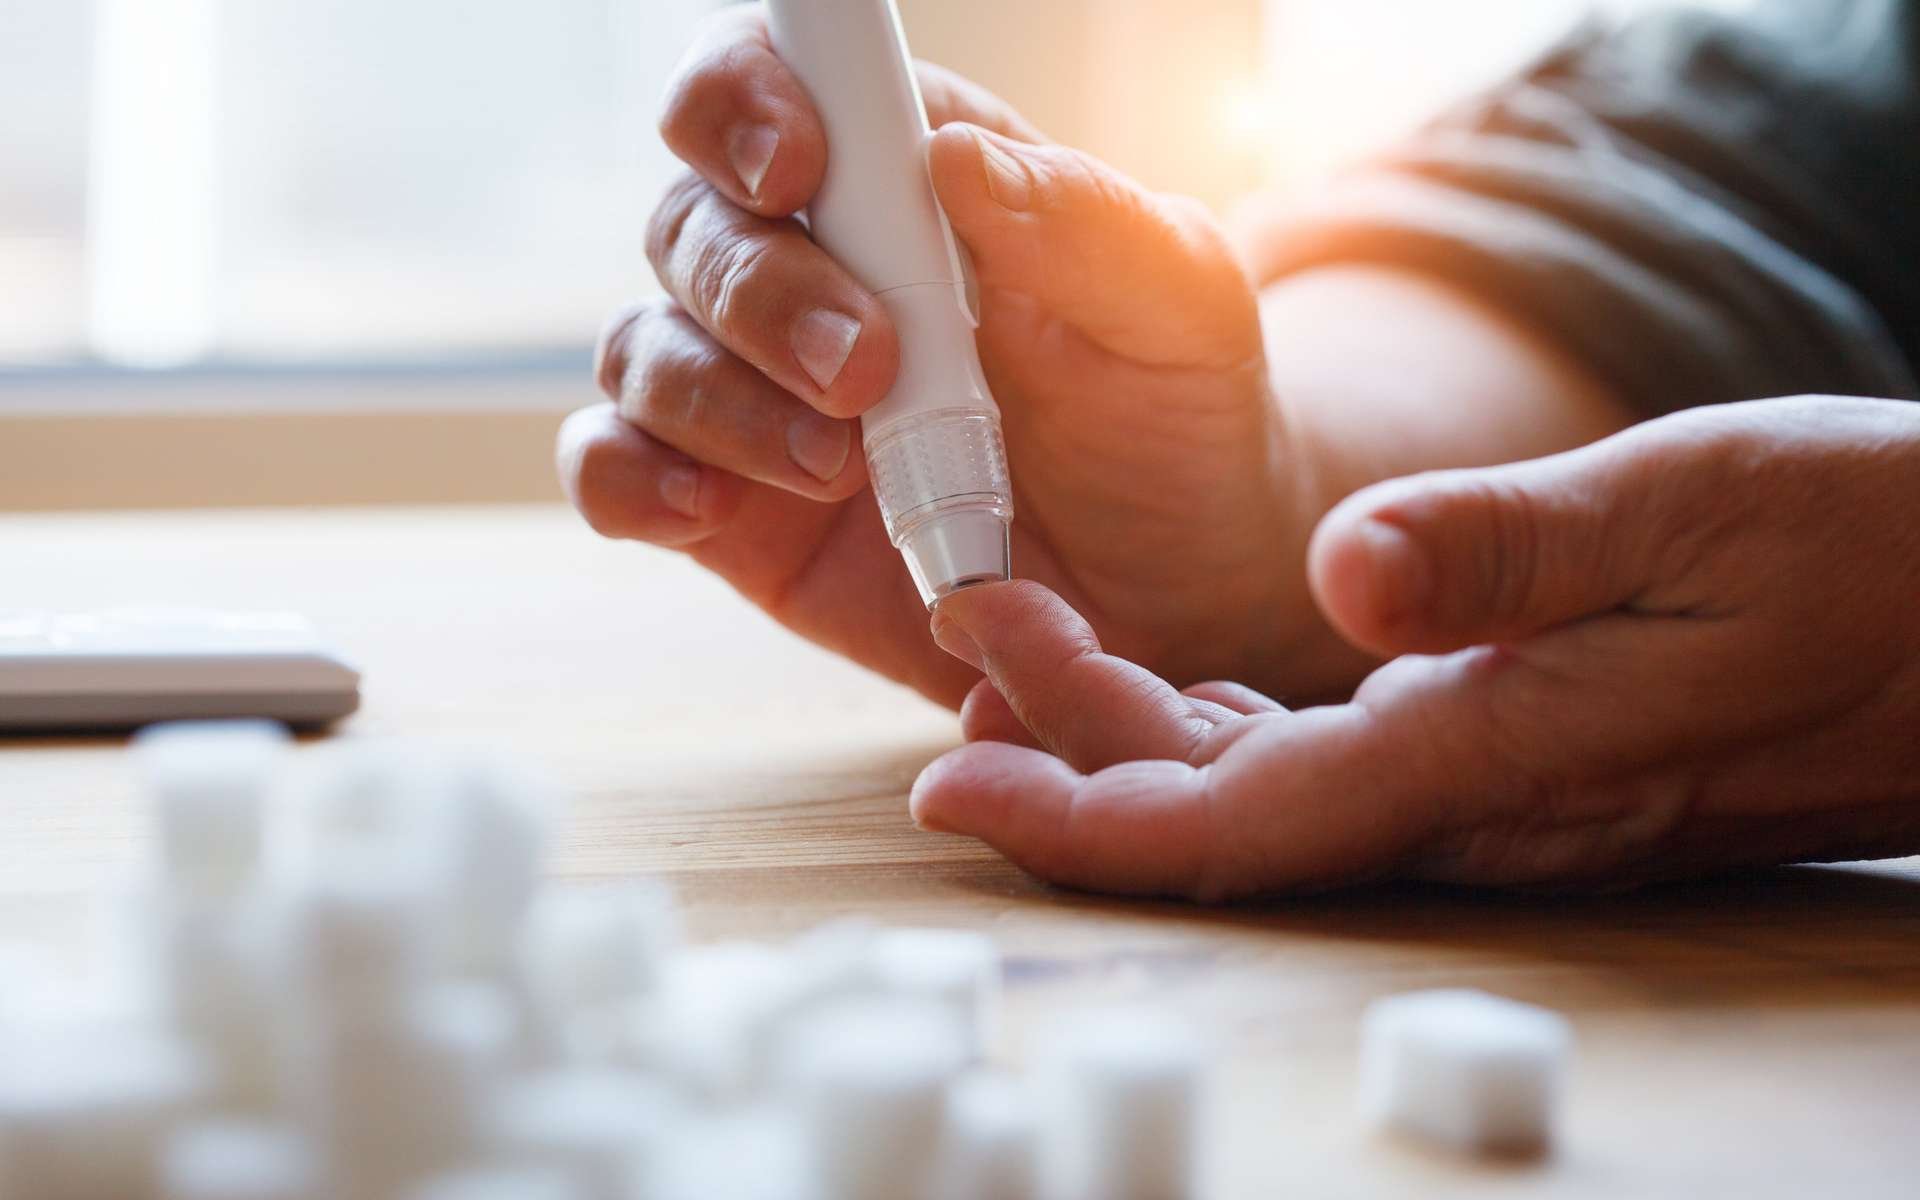 De nombreuses personnes diabétiques contrôlent quotidiennement leur glycémie à l'aide d'un glucomètre, qui évalue directement le taux de sucres dans le sang à partir d'une seule goutte. Cela permet aux patients de calculer la dose d'insuline qu'ils devront s'injecter pour retrouver des niveaux normaux. Attention, en cas de surdosage, la personne risque l'hypoglycémie. © zakalinka, Adobe Stock